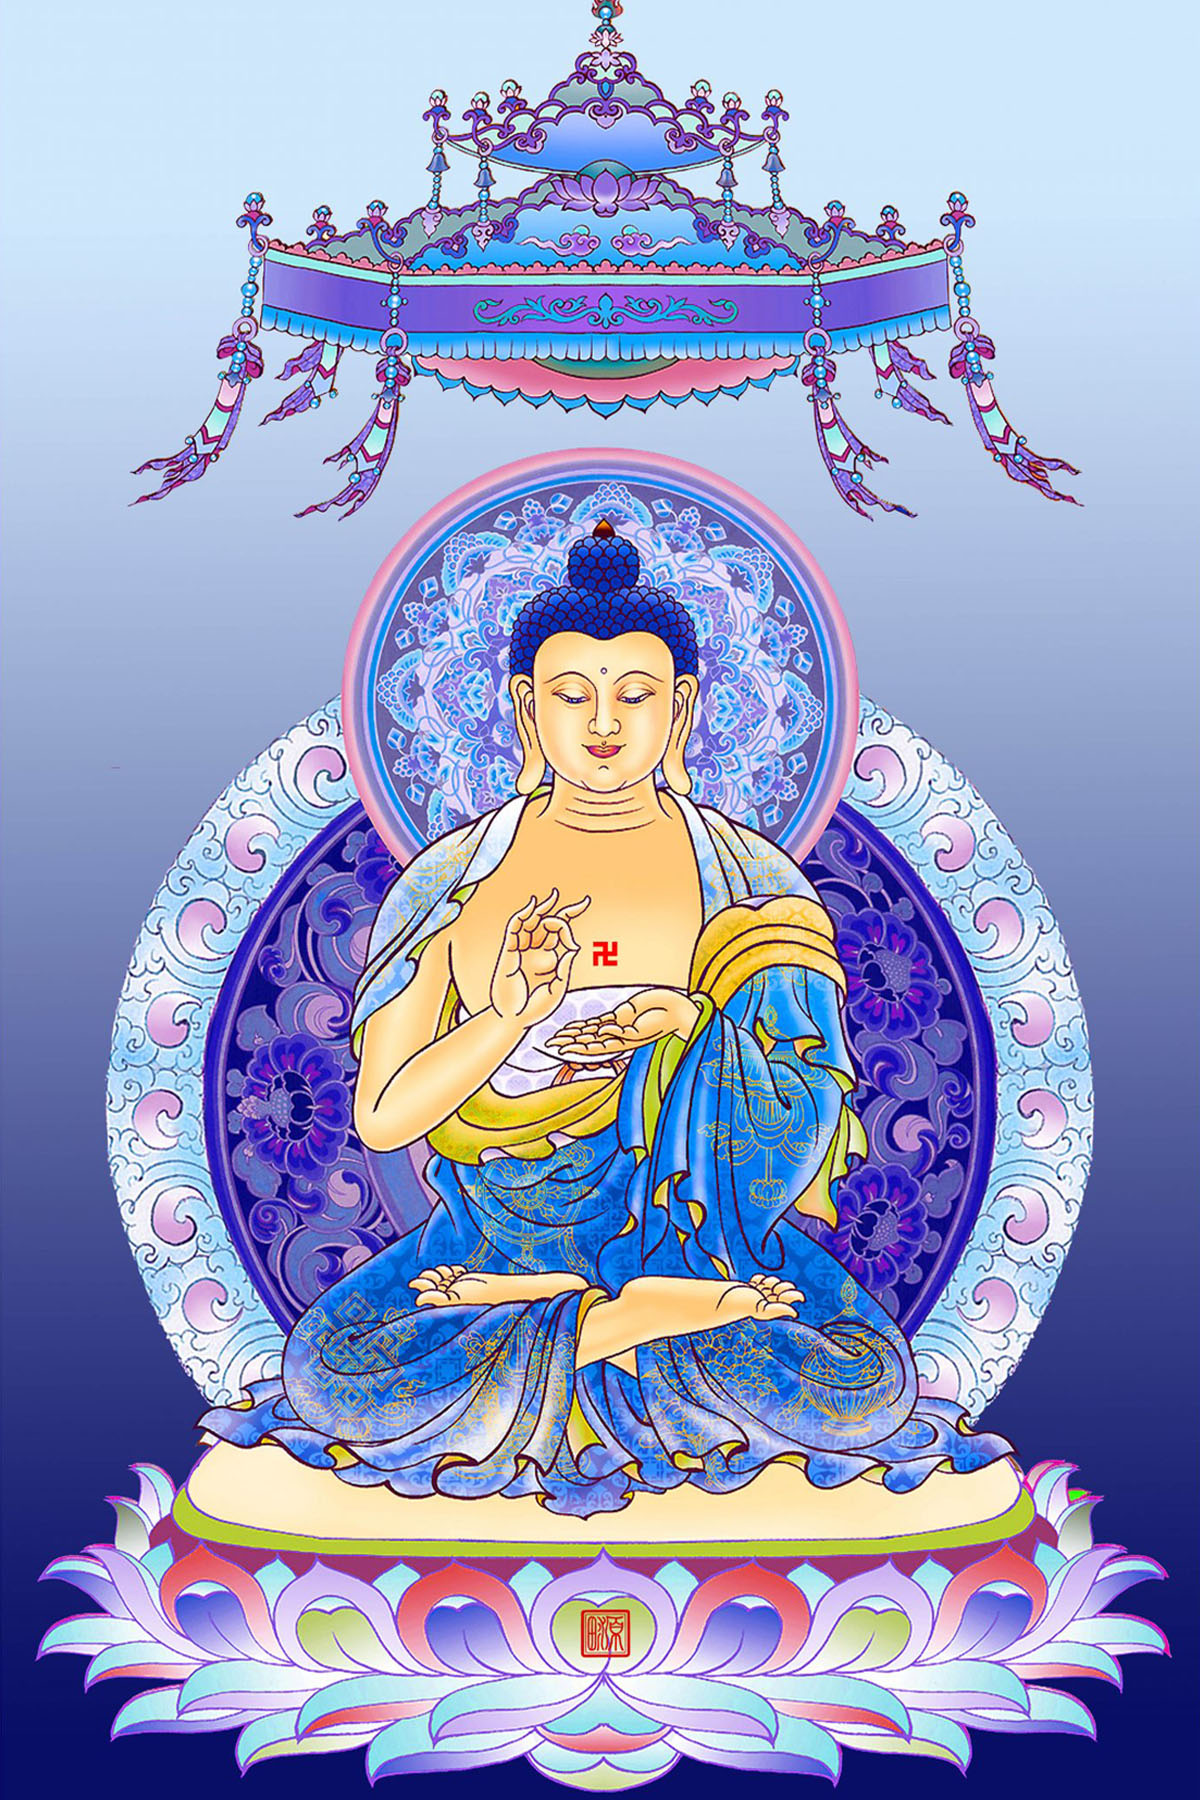 Tôn ảnh Ngũ Phương Phật chất lượng cao| HD Images of Buddha contingent directions |五方佛